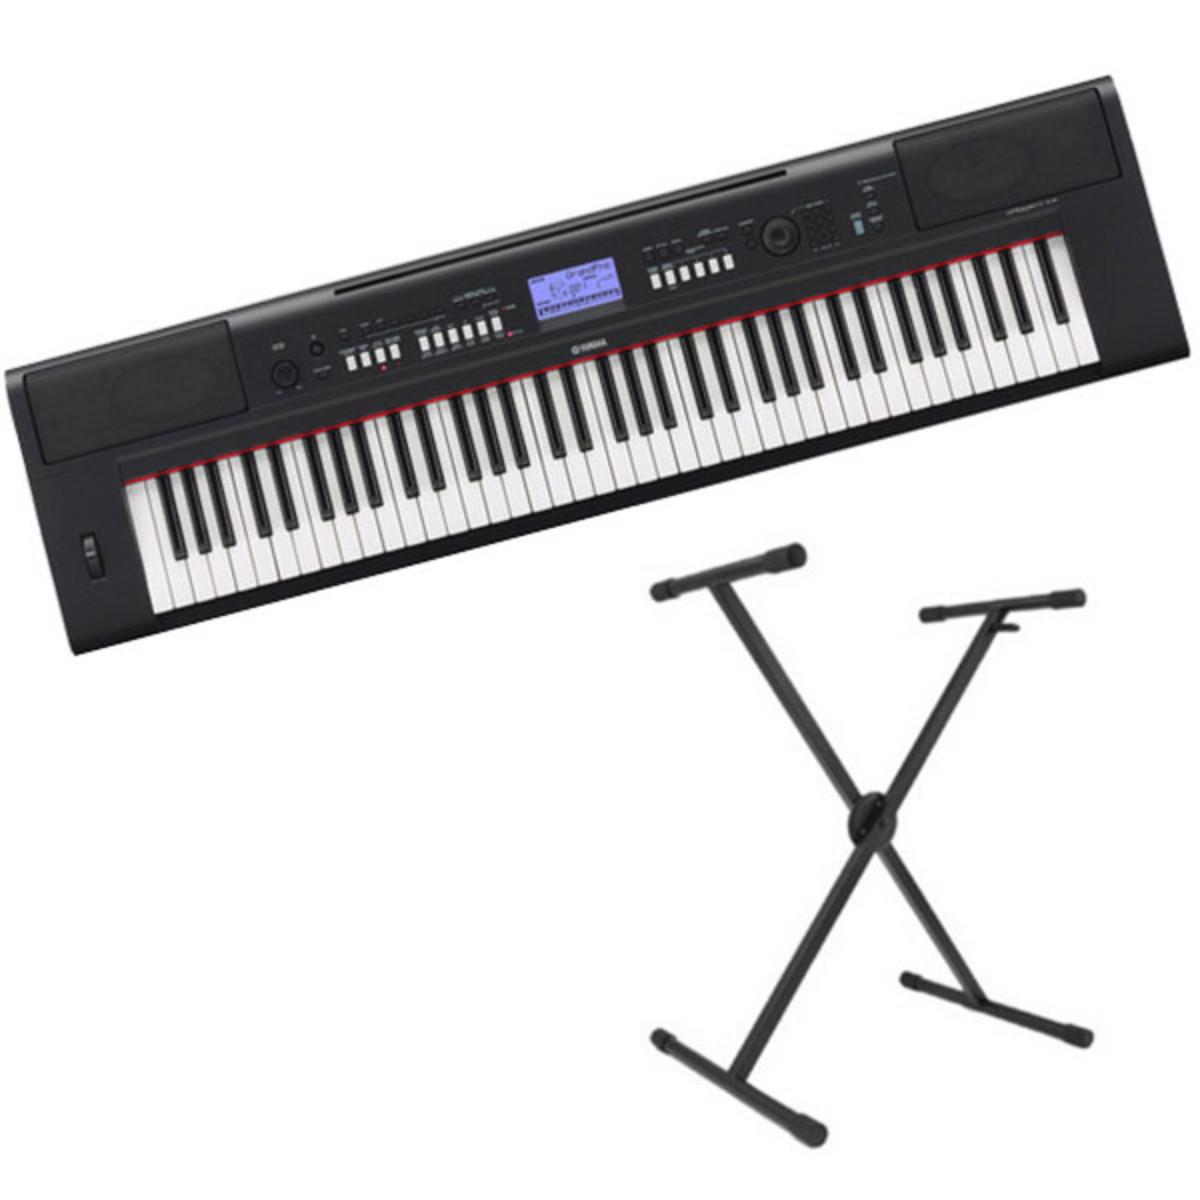 SONDERANGEBOT Yamaha Piaggero NPV60 Portable Keyboard Paket bei ...